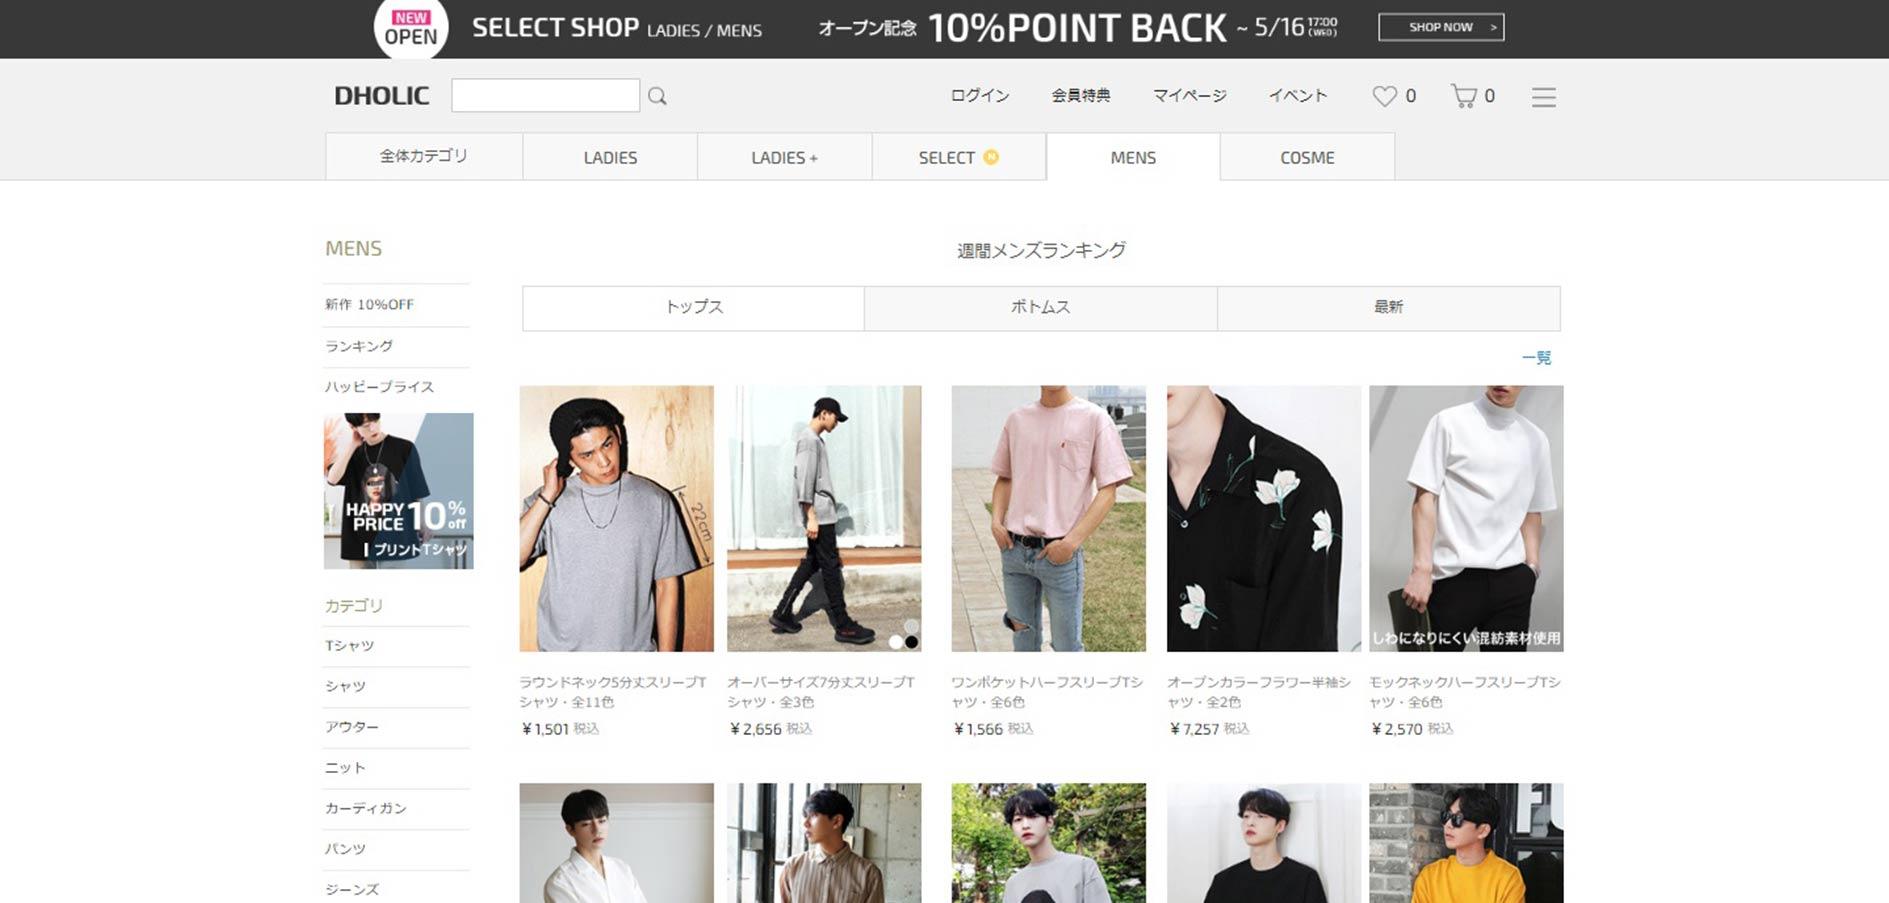 オシャレ男子に人気のメンズ韓国服(オルチャンファッション)通販サイトのDHOLIC(ディーホリック)